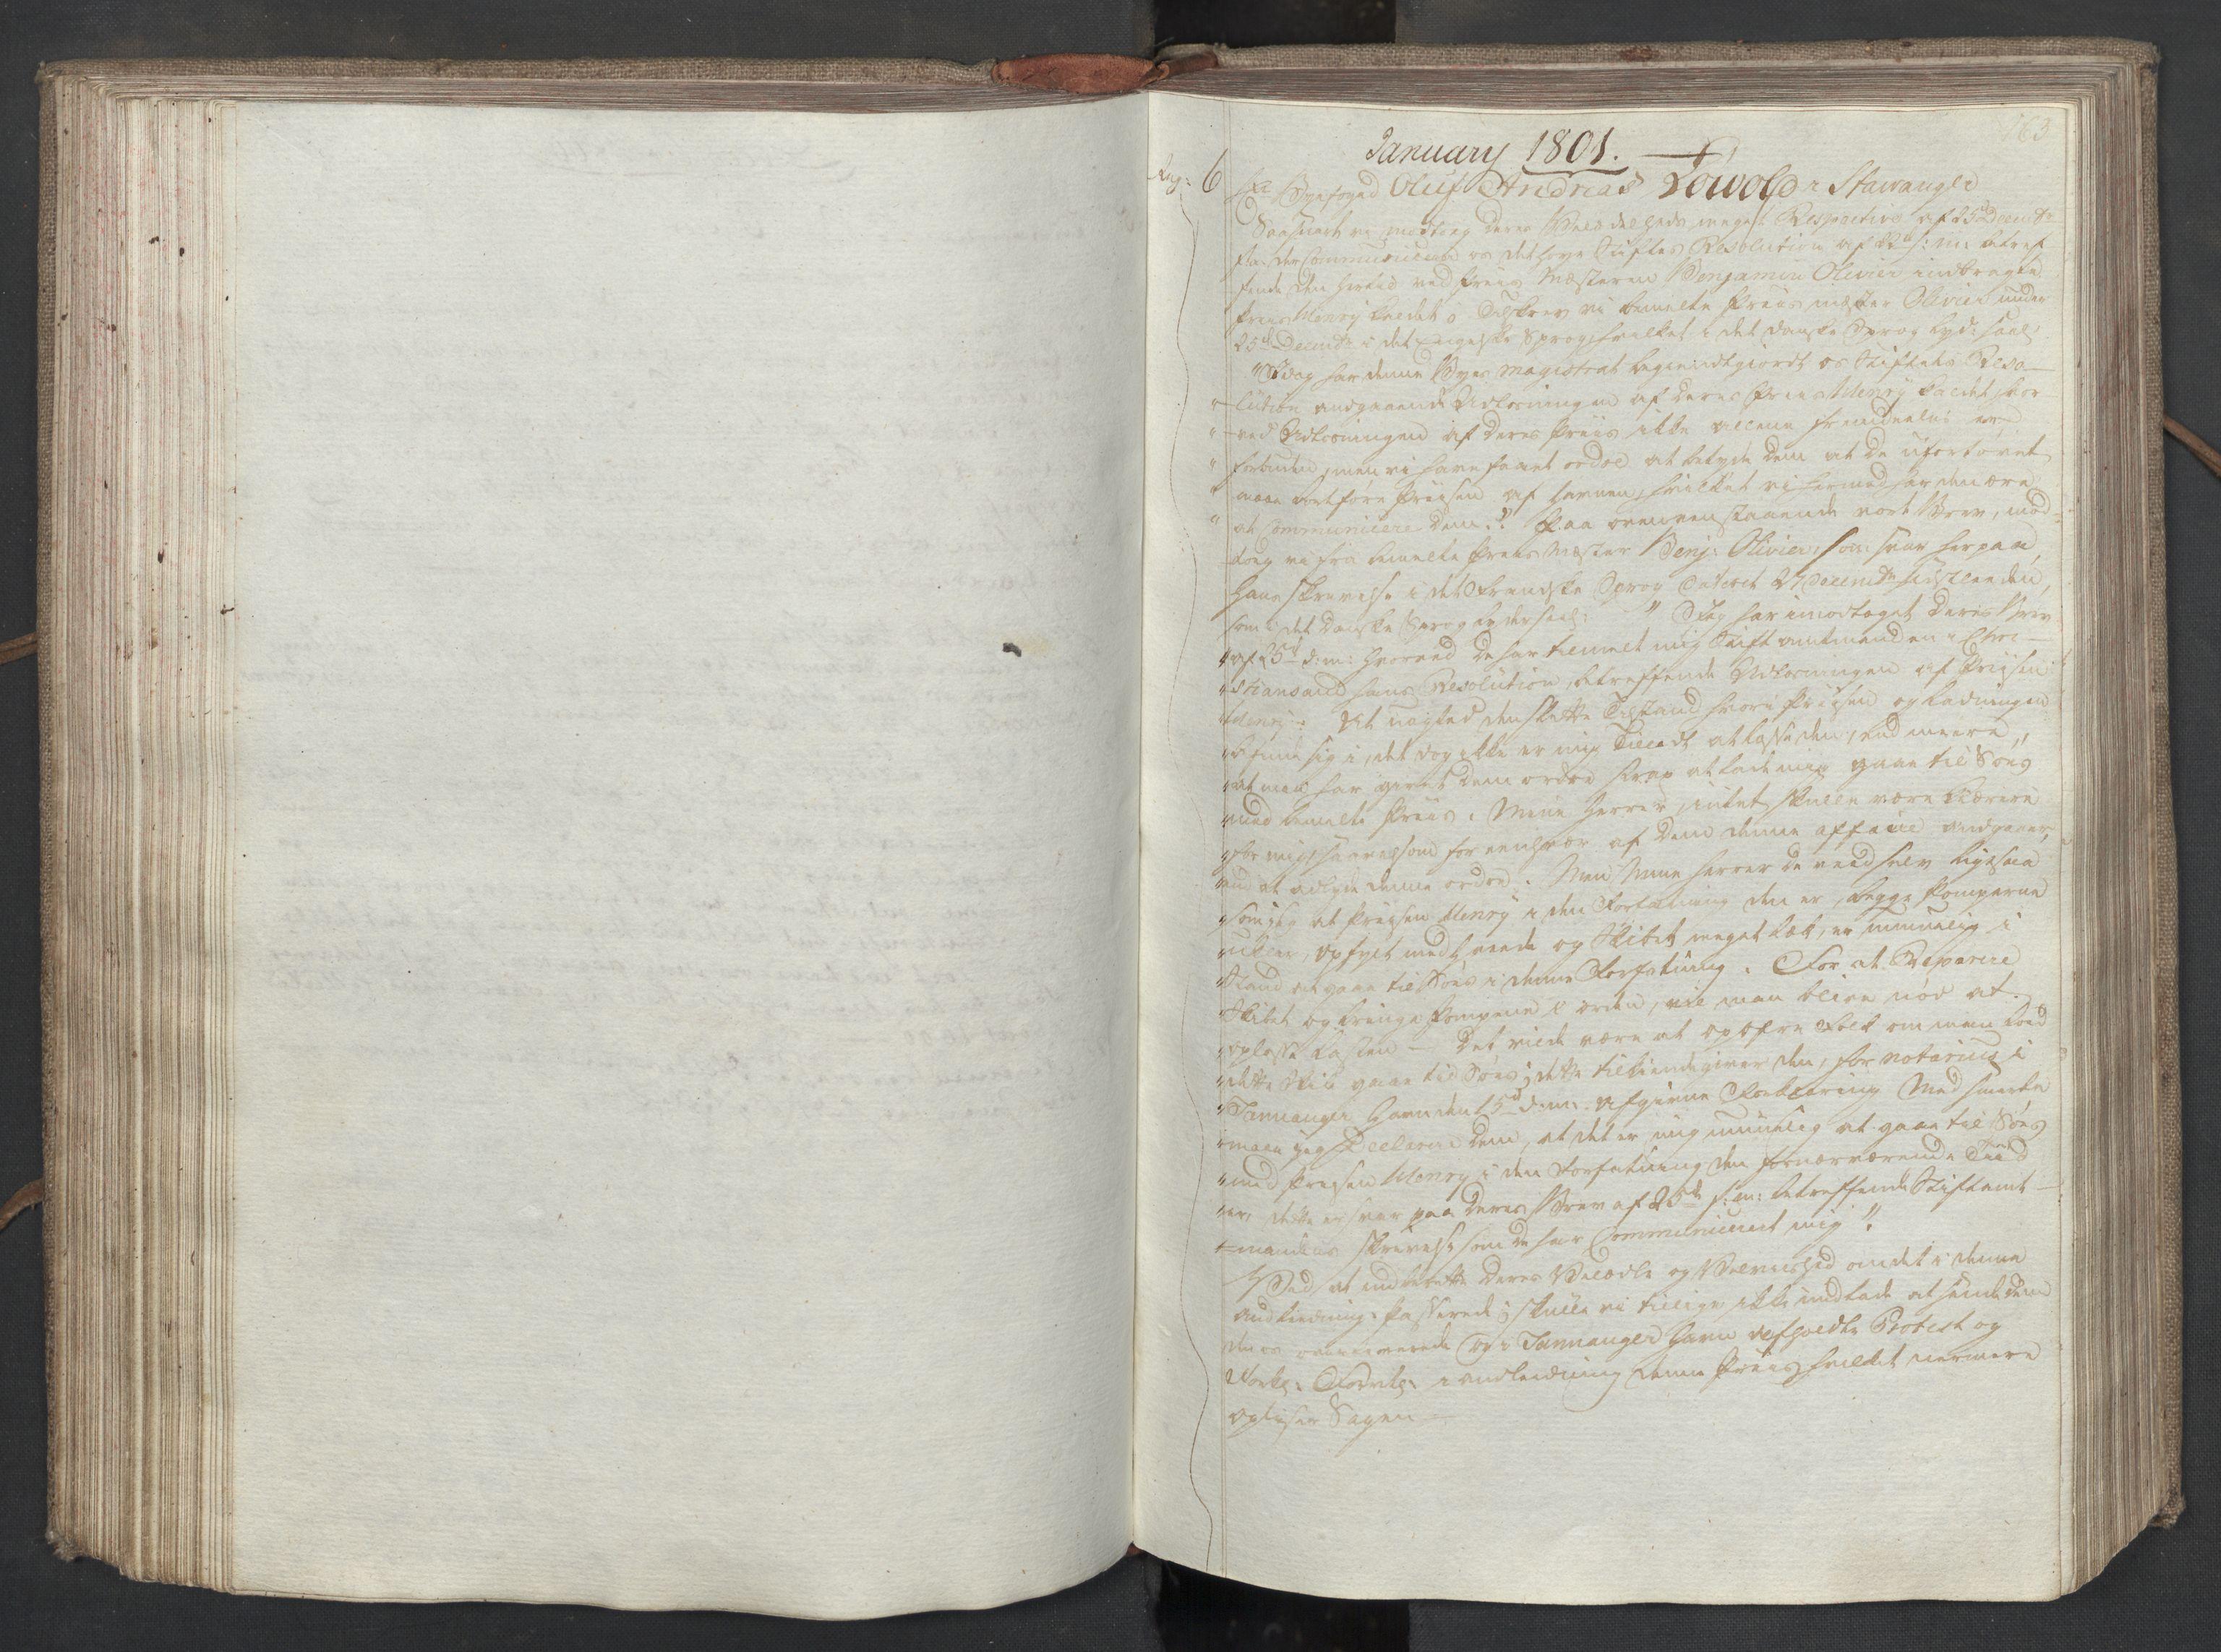 SAST, Pa 0003 - Ploug & Sundt, handelshuset, B/L0008: Kopibok, 1797-1804, s. 162b-163a